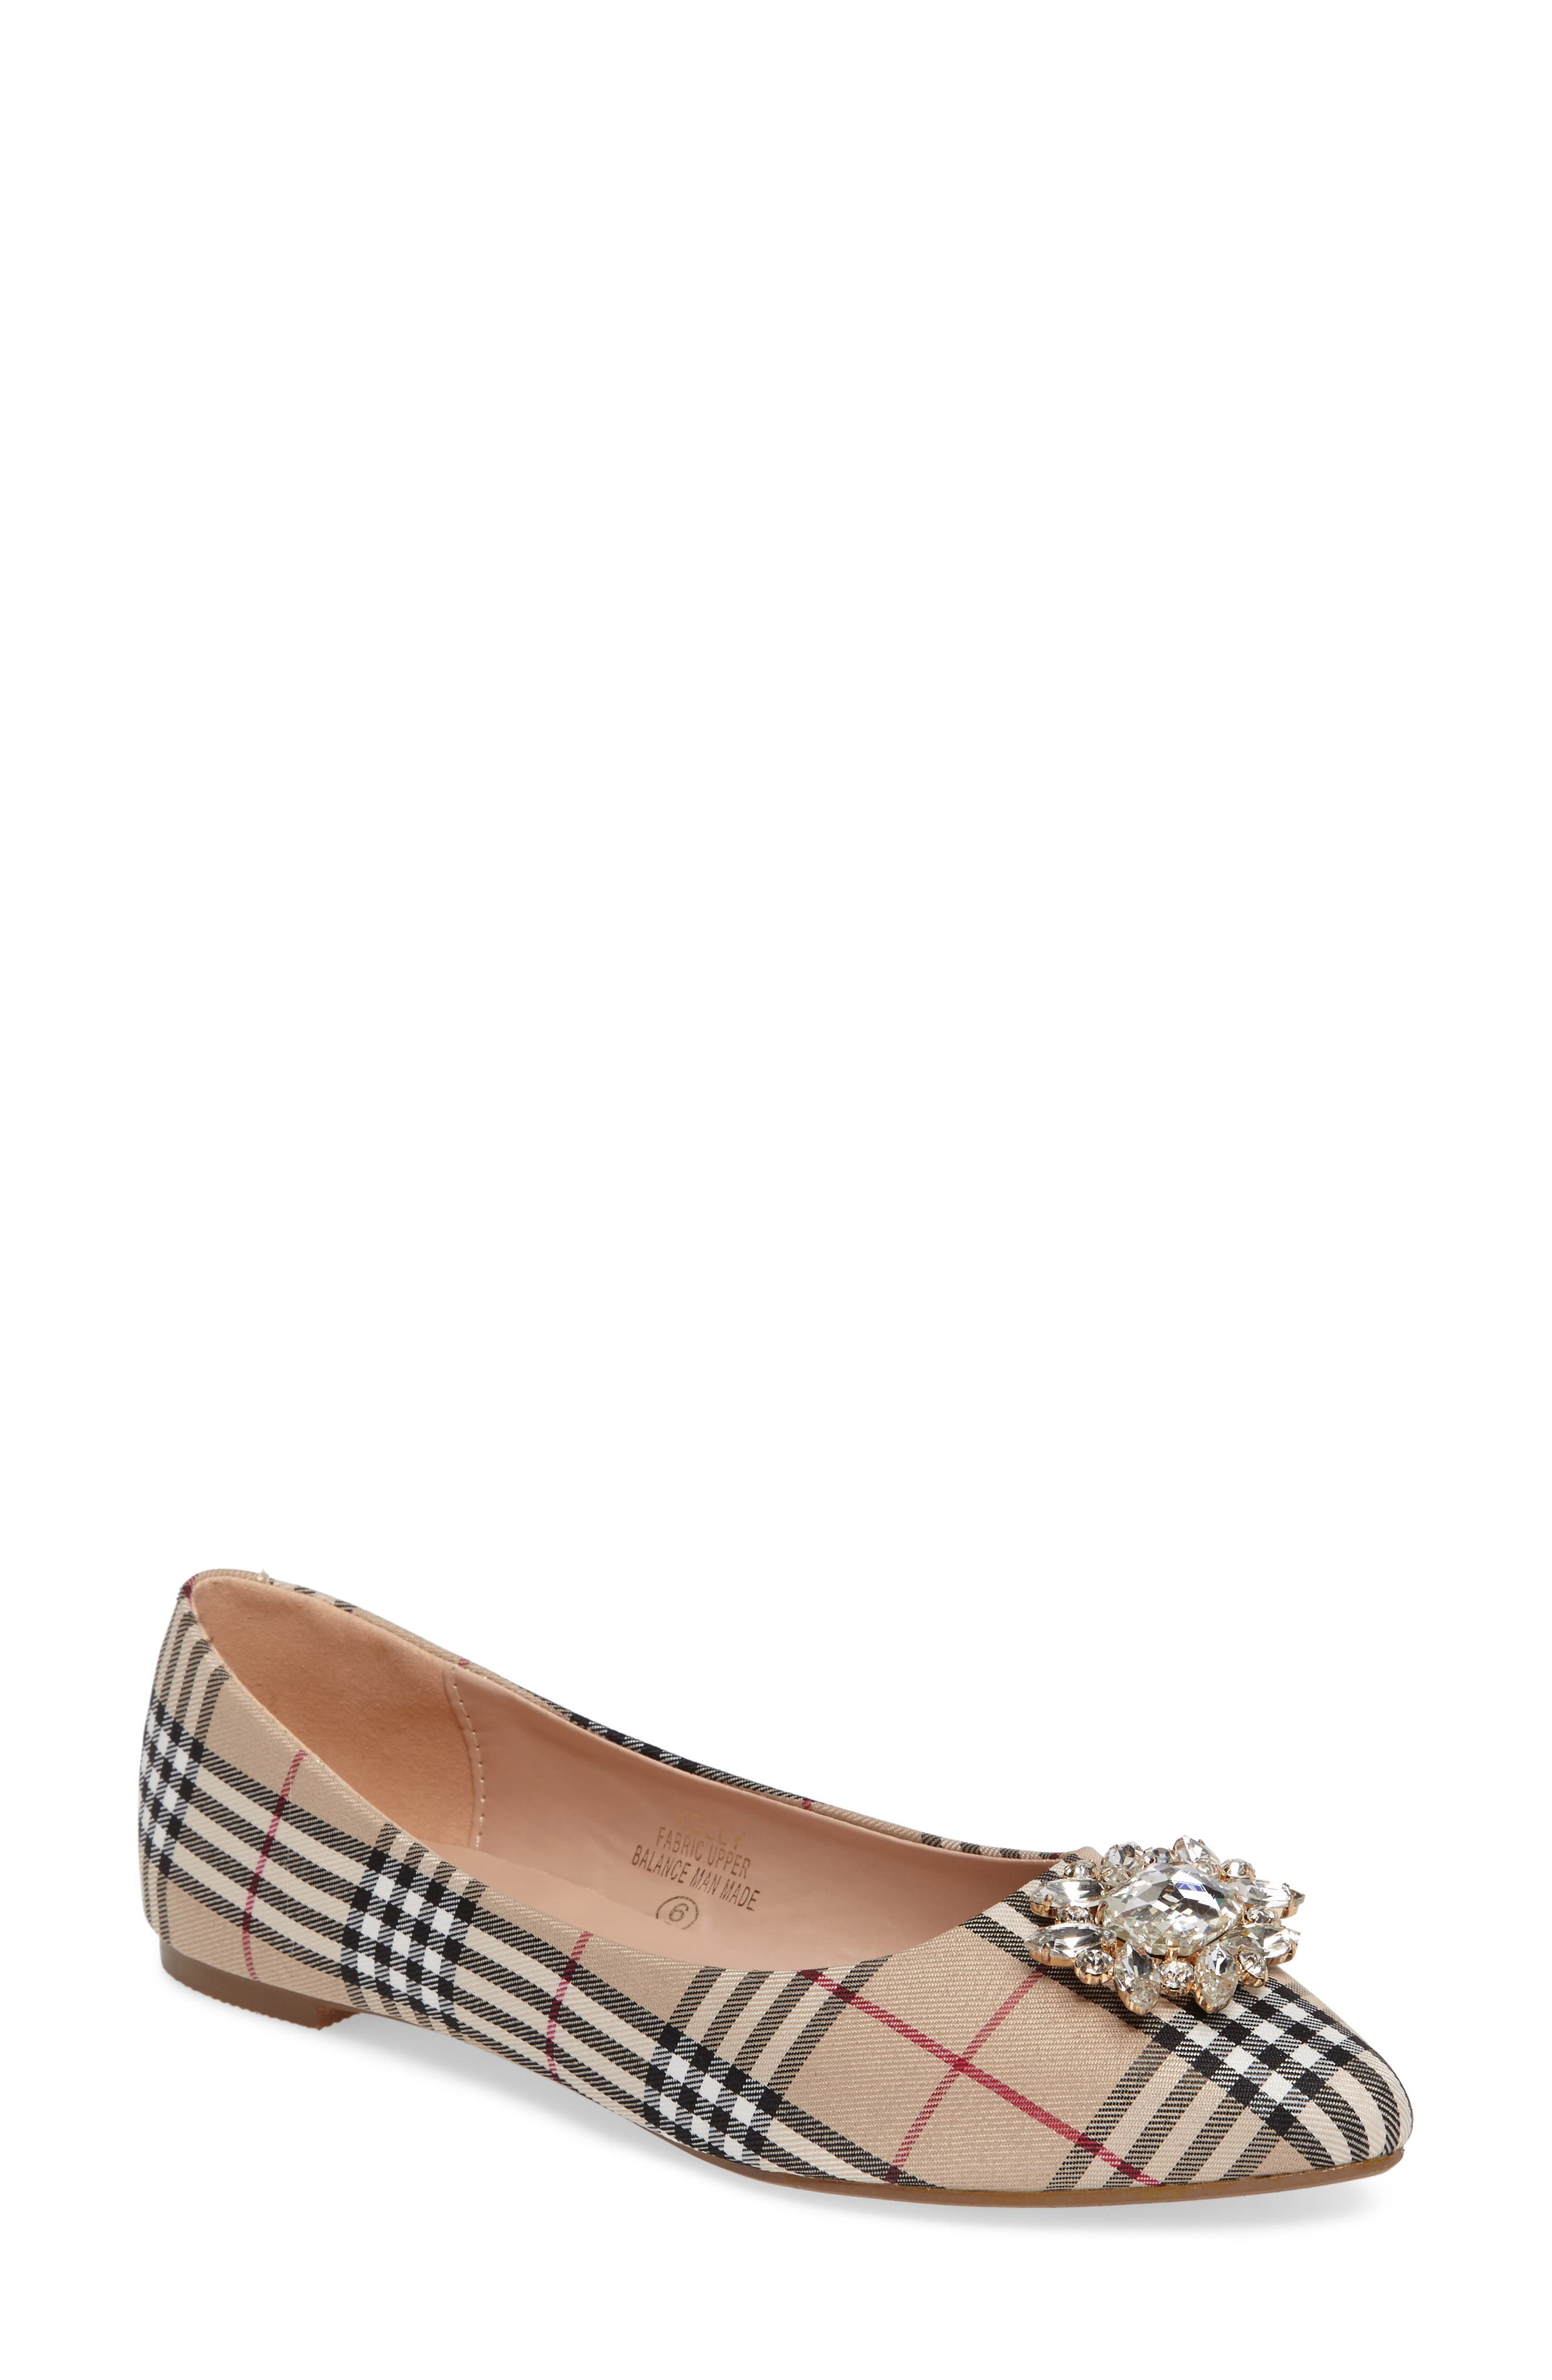 Lauren Lorraine Kelly Pointy Toe Flat (Women)